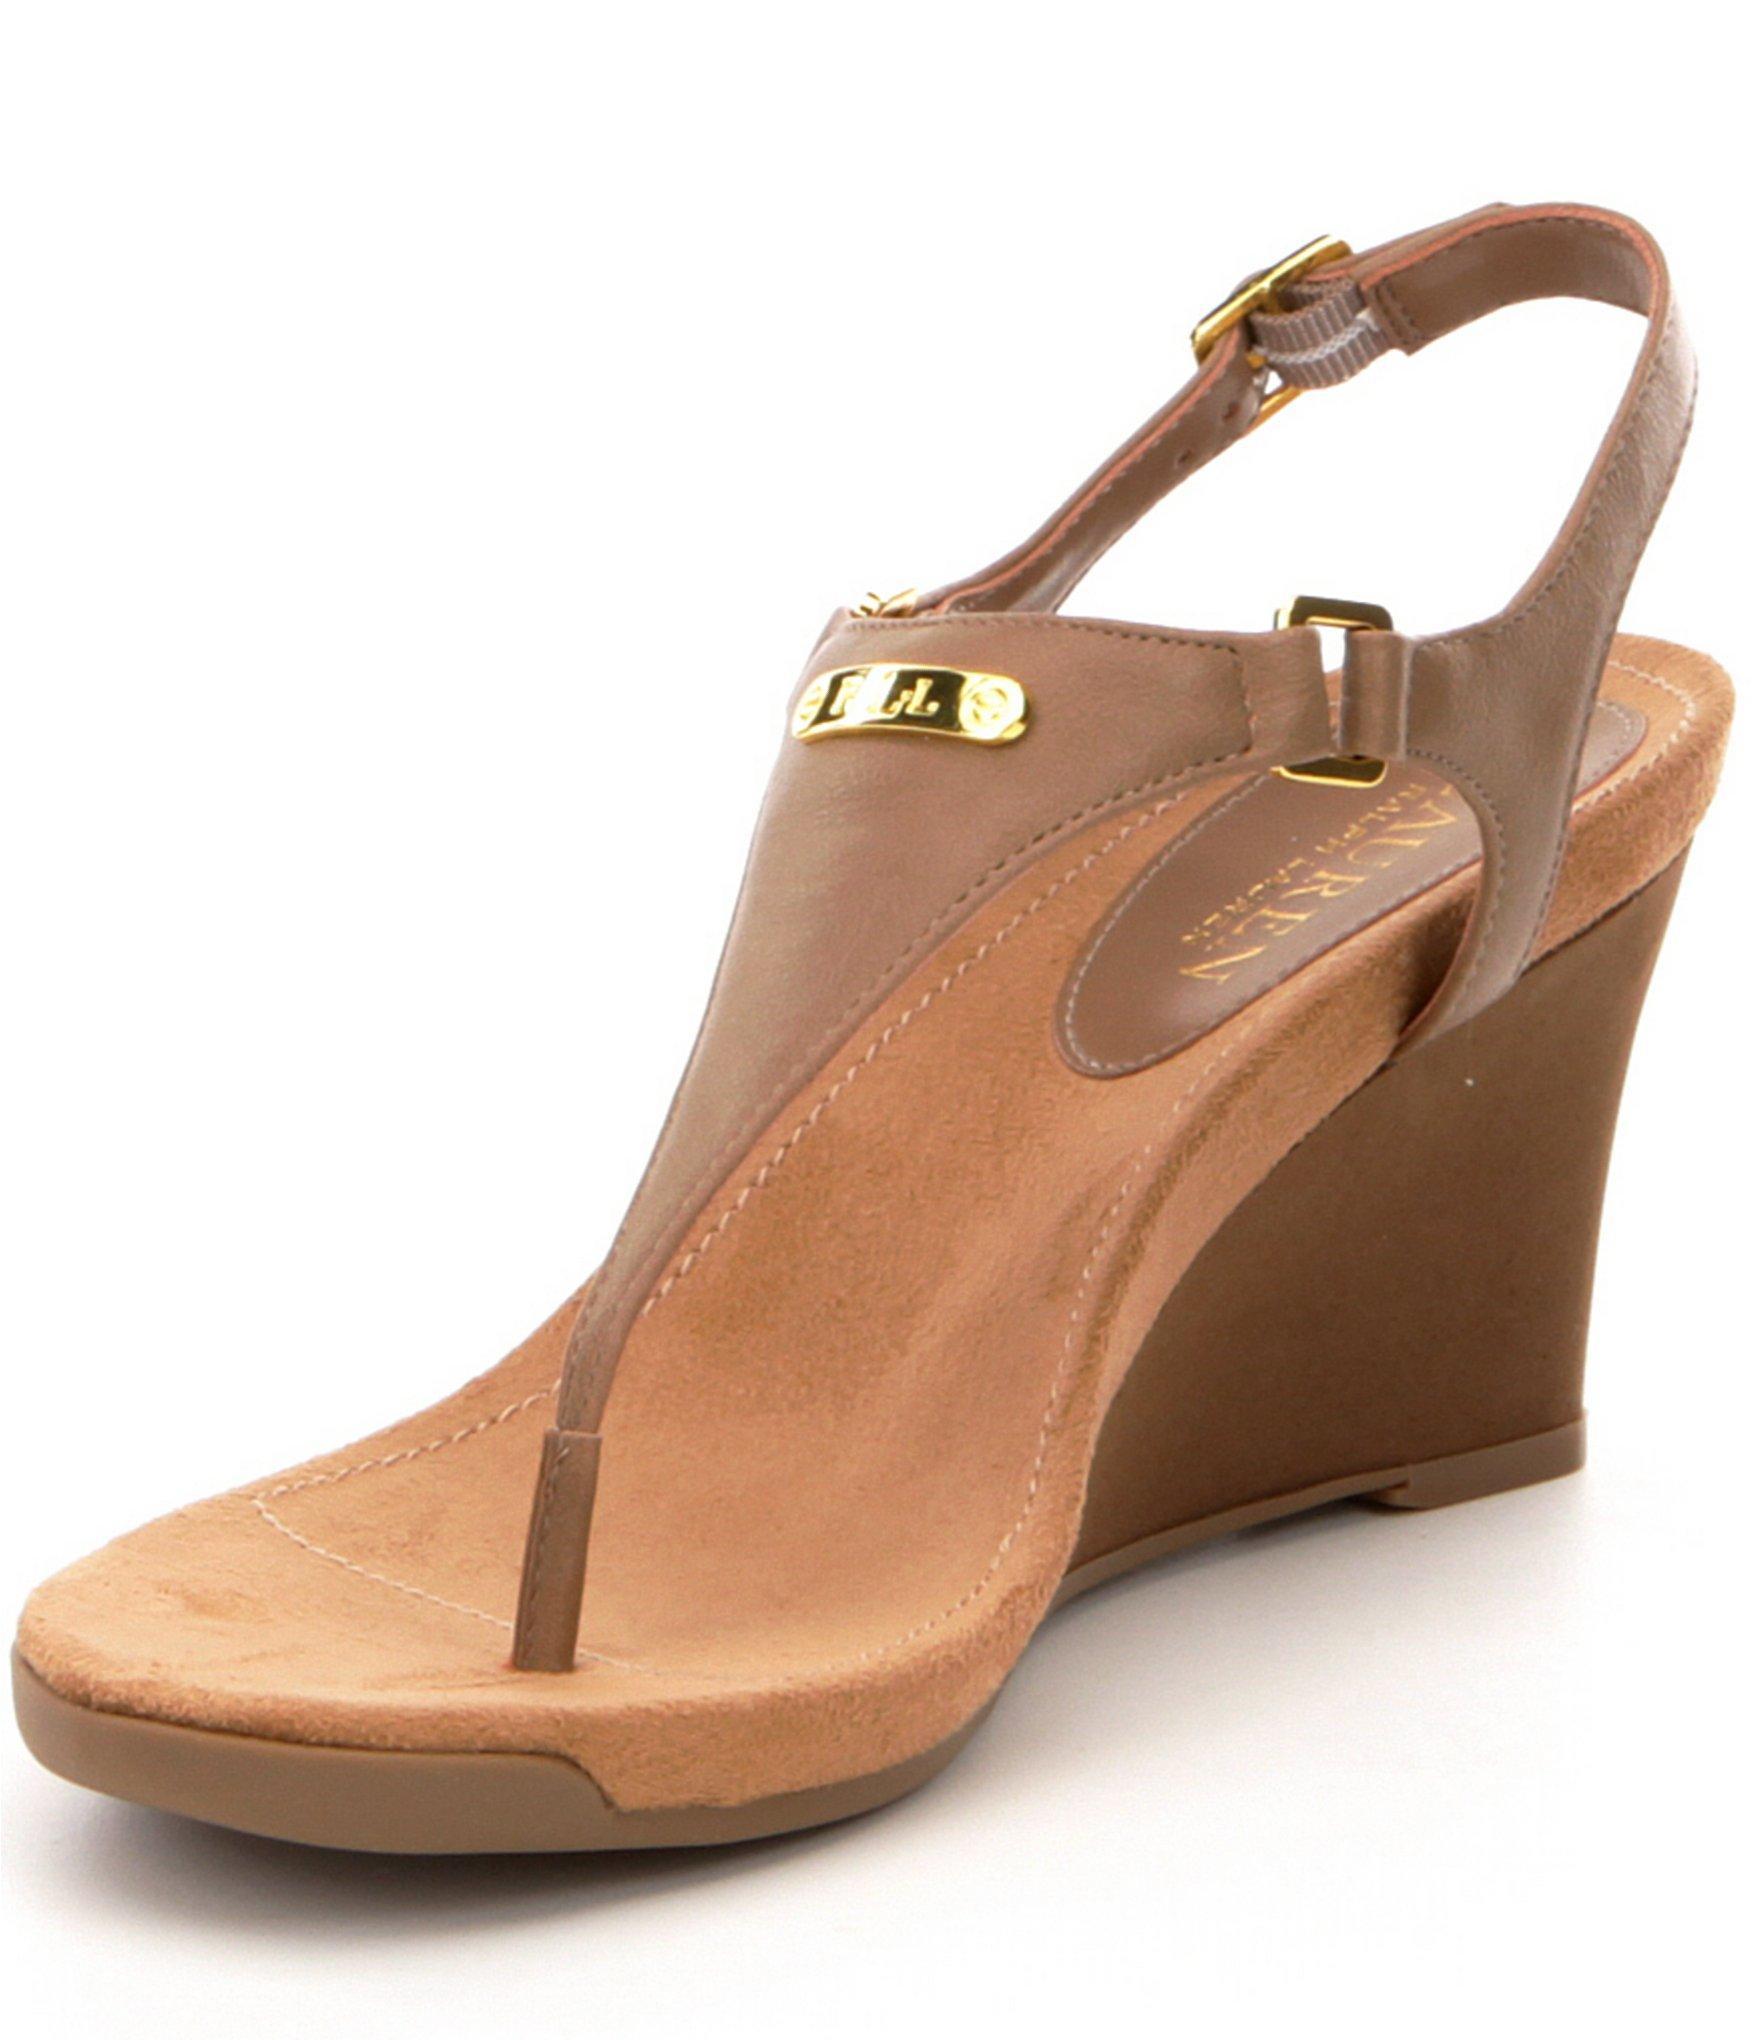 Lauren By Ralph Lauren Nikki Leather Wedge Sandals In